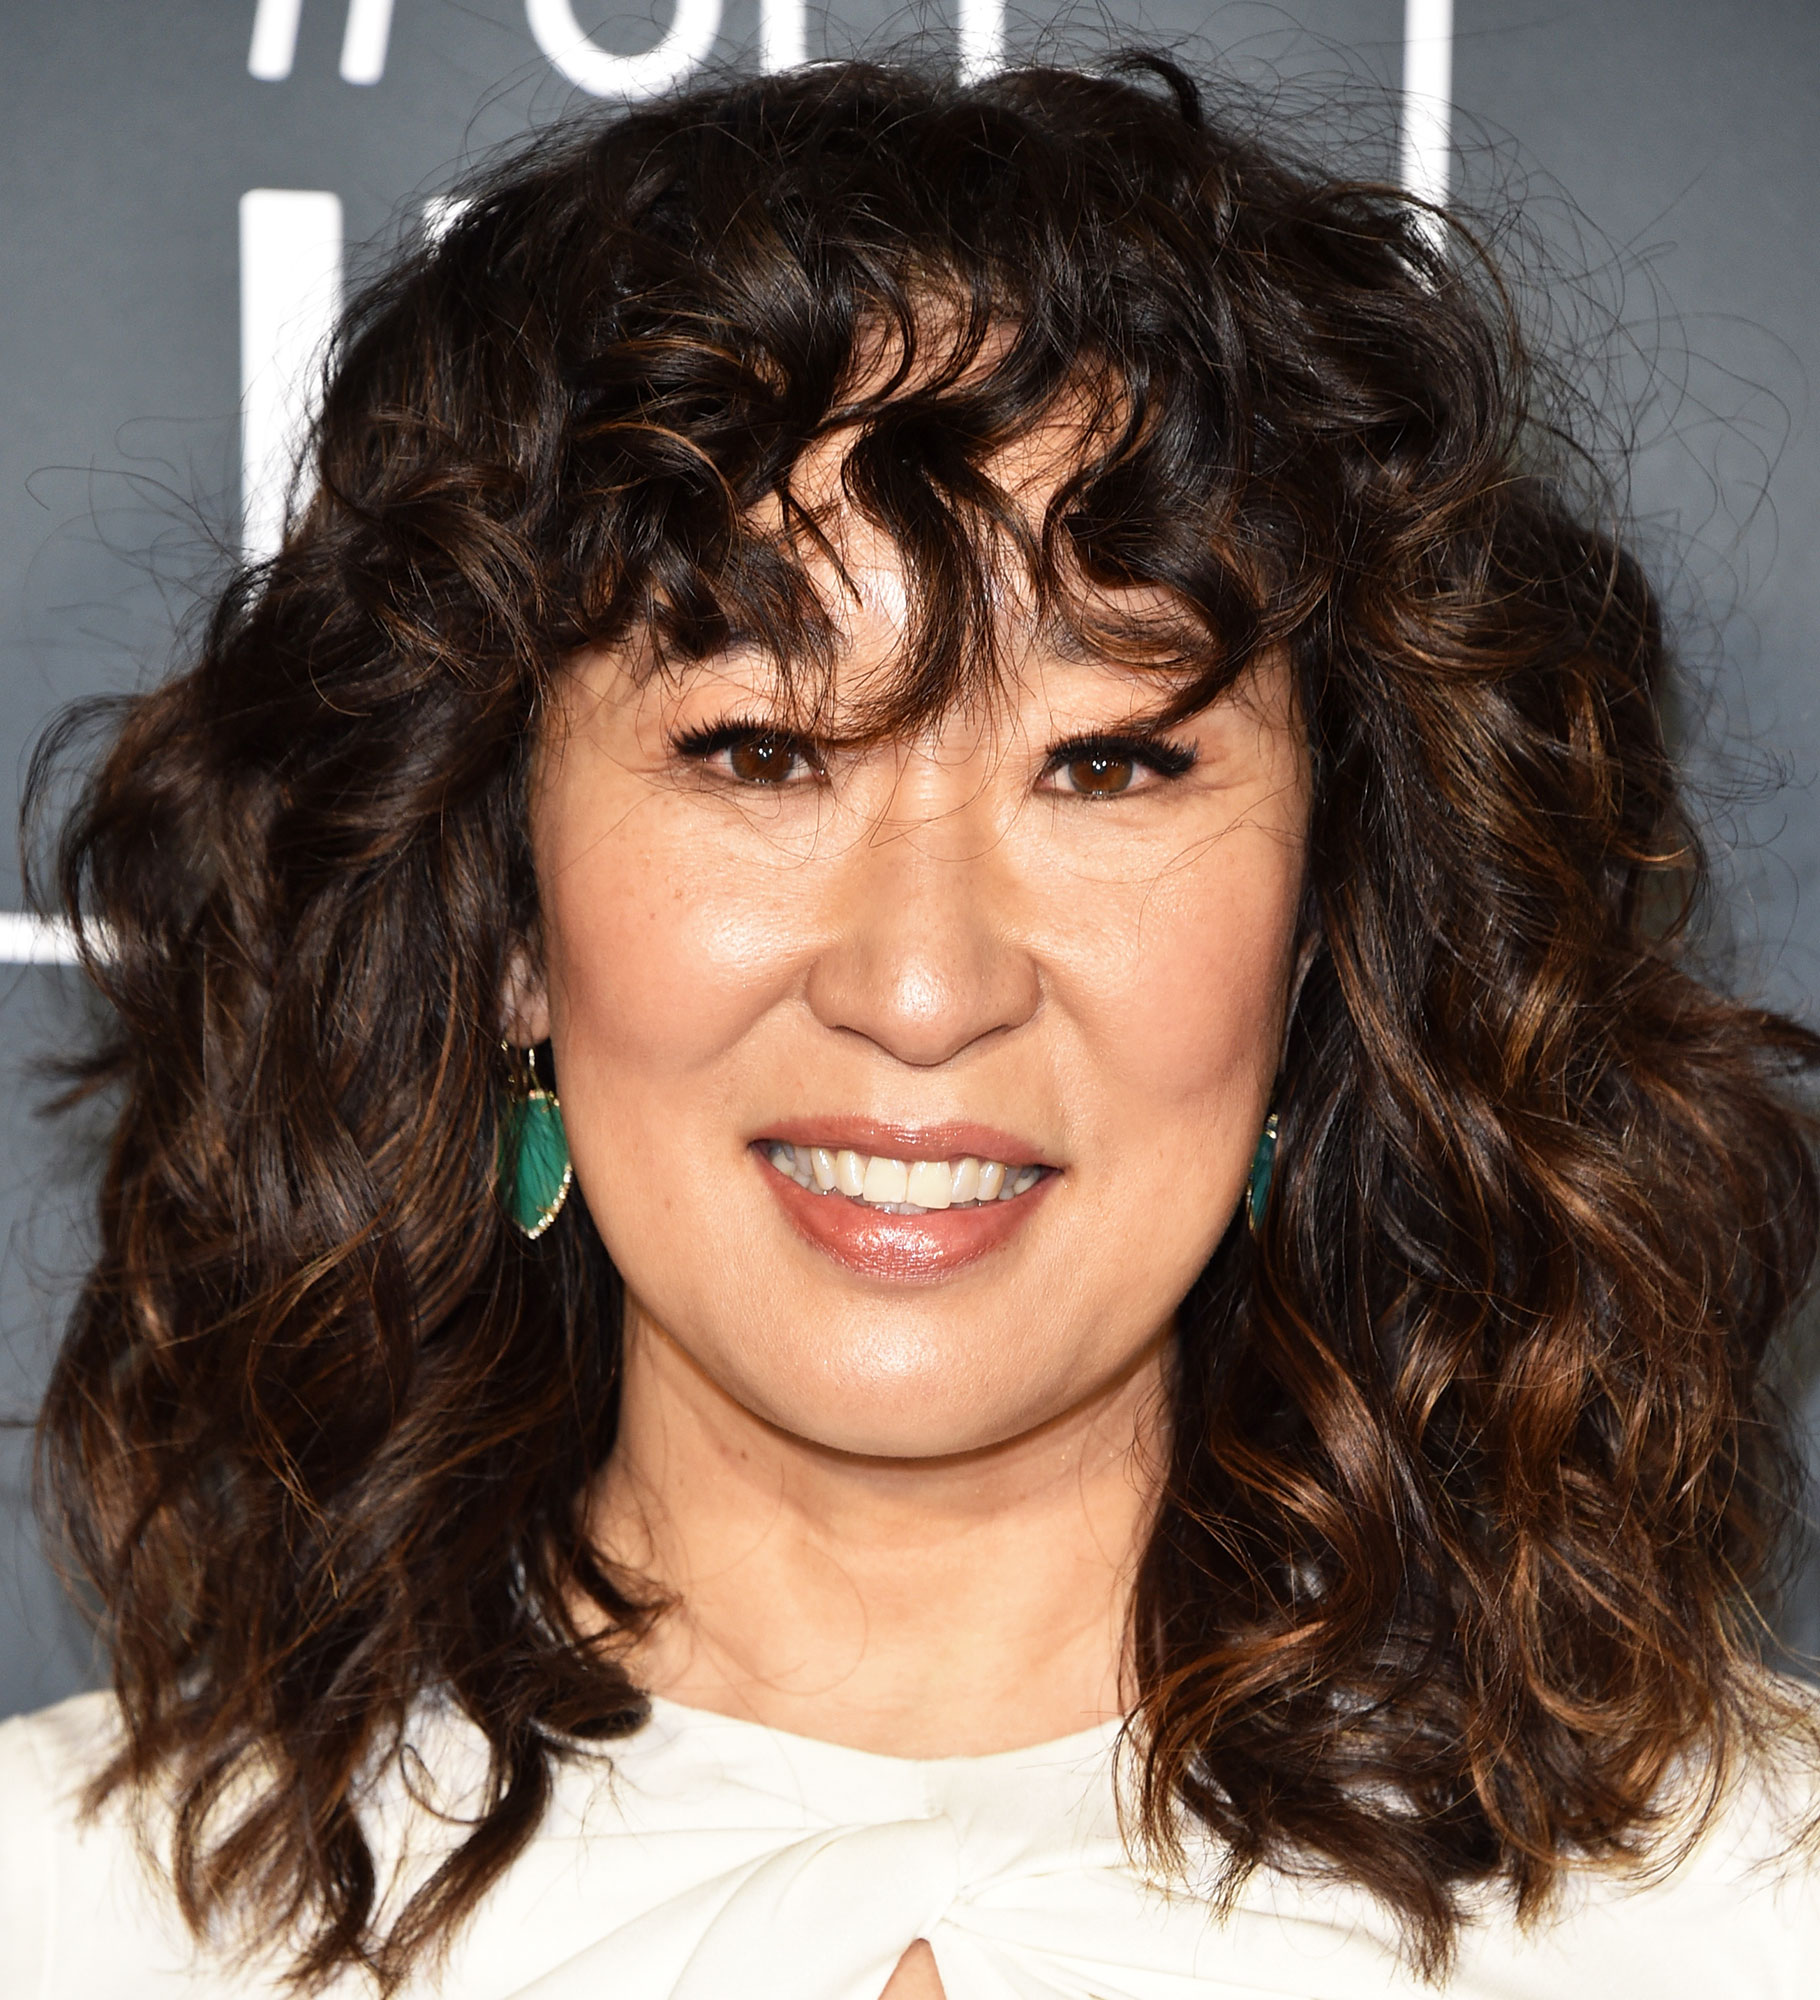 Sandra Oh born July 20, 1971 (age 47)